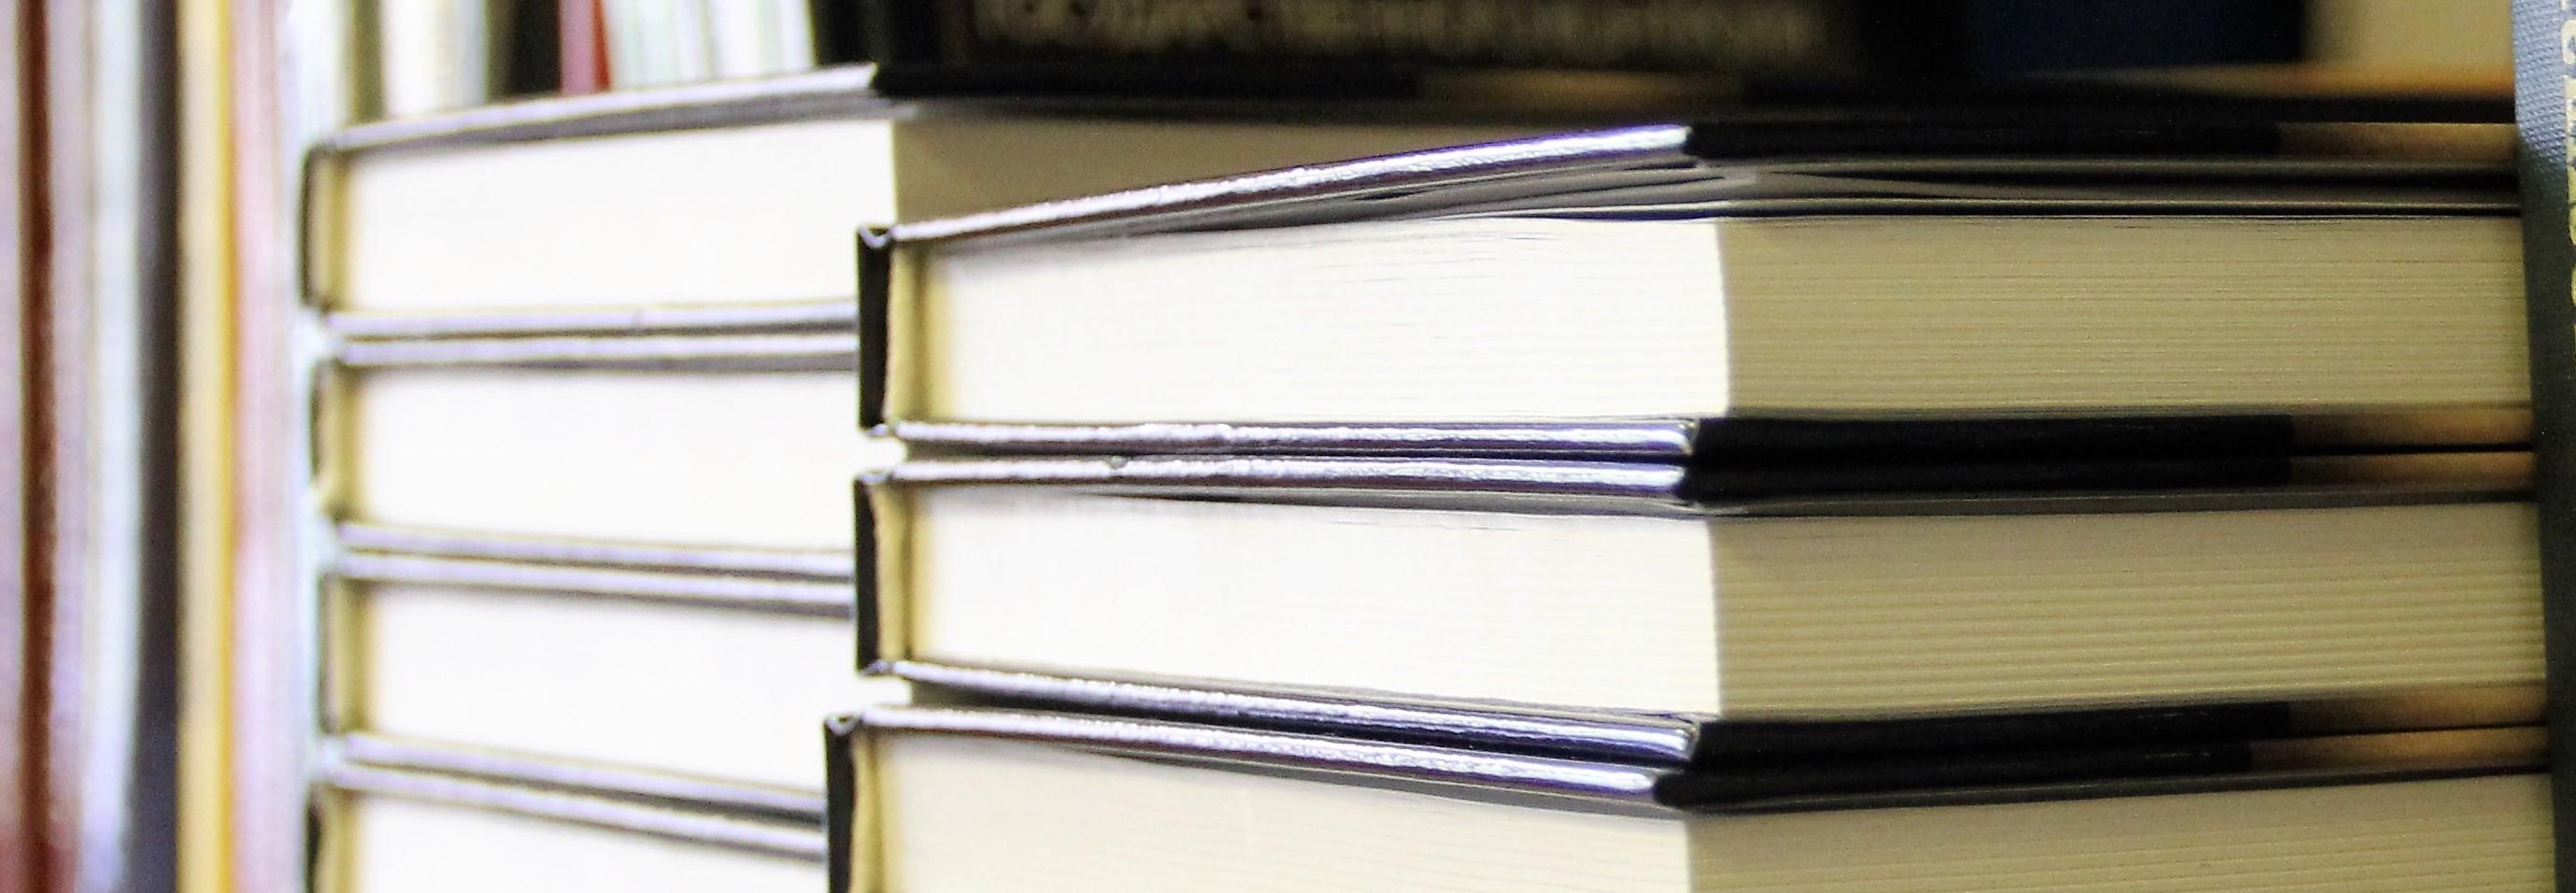 Библиотека института права иуправления